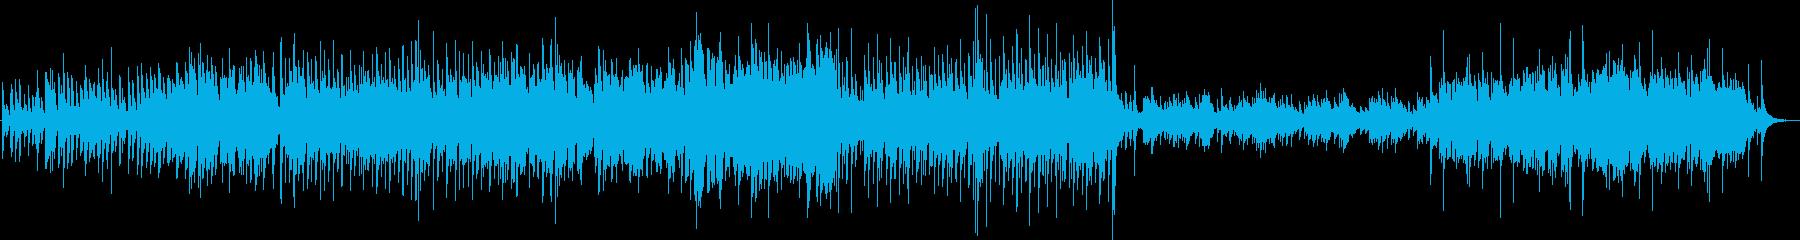 怪しい黒猫の幻想的なマリンバ/ハープ合奏の再生済みの波形